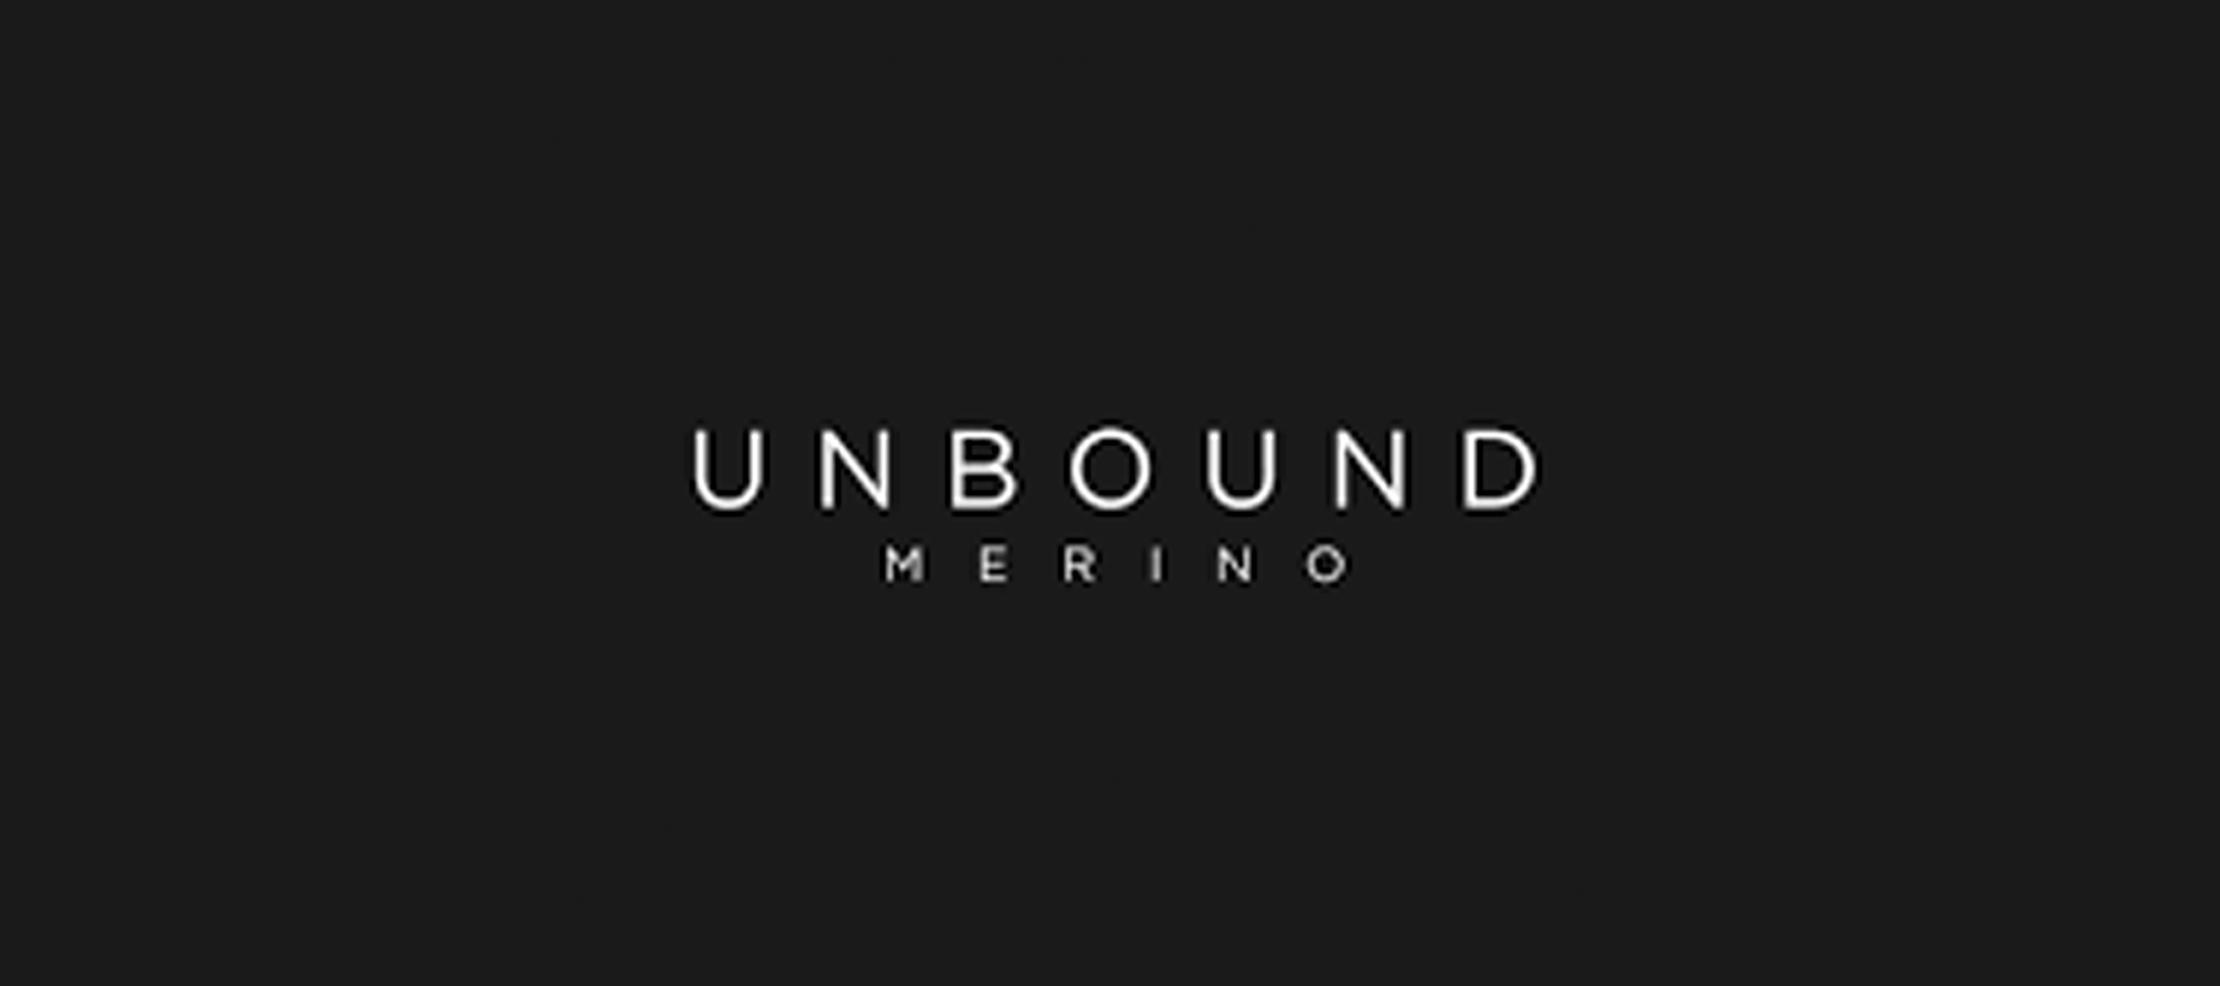 Unbound Merino Logo